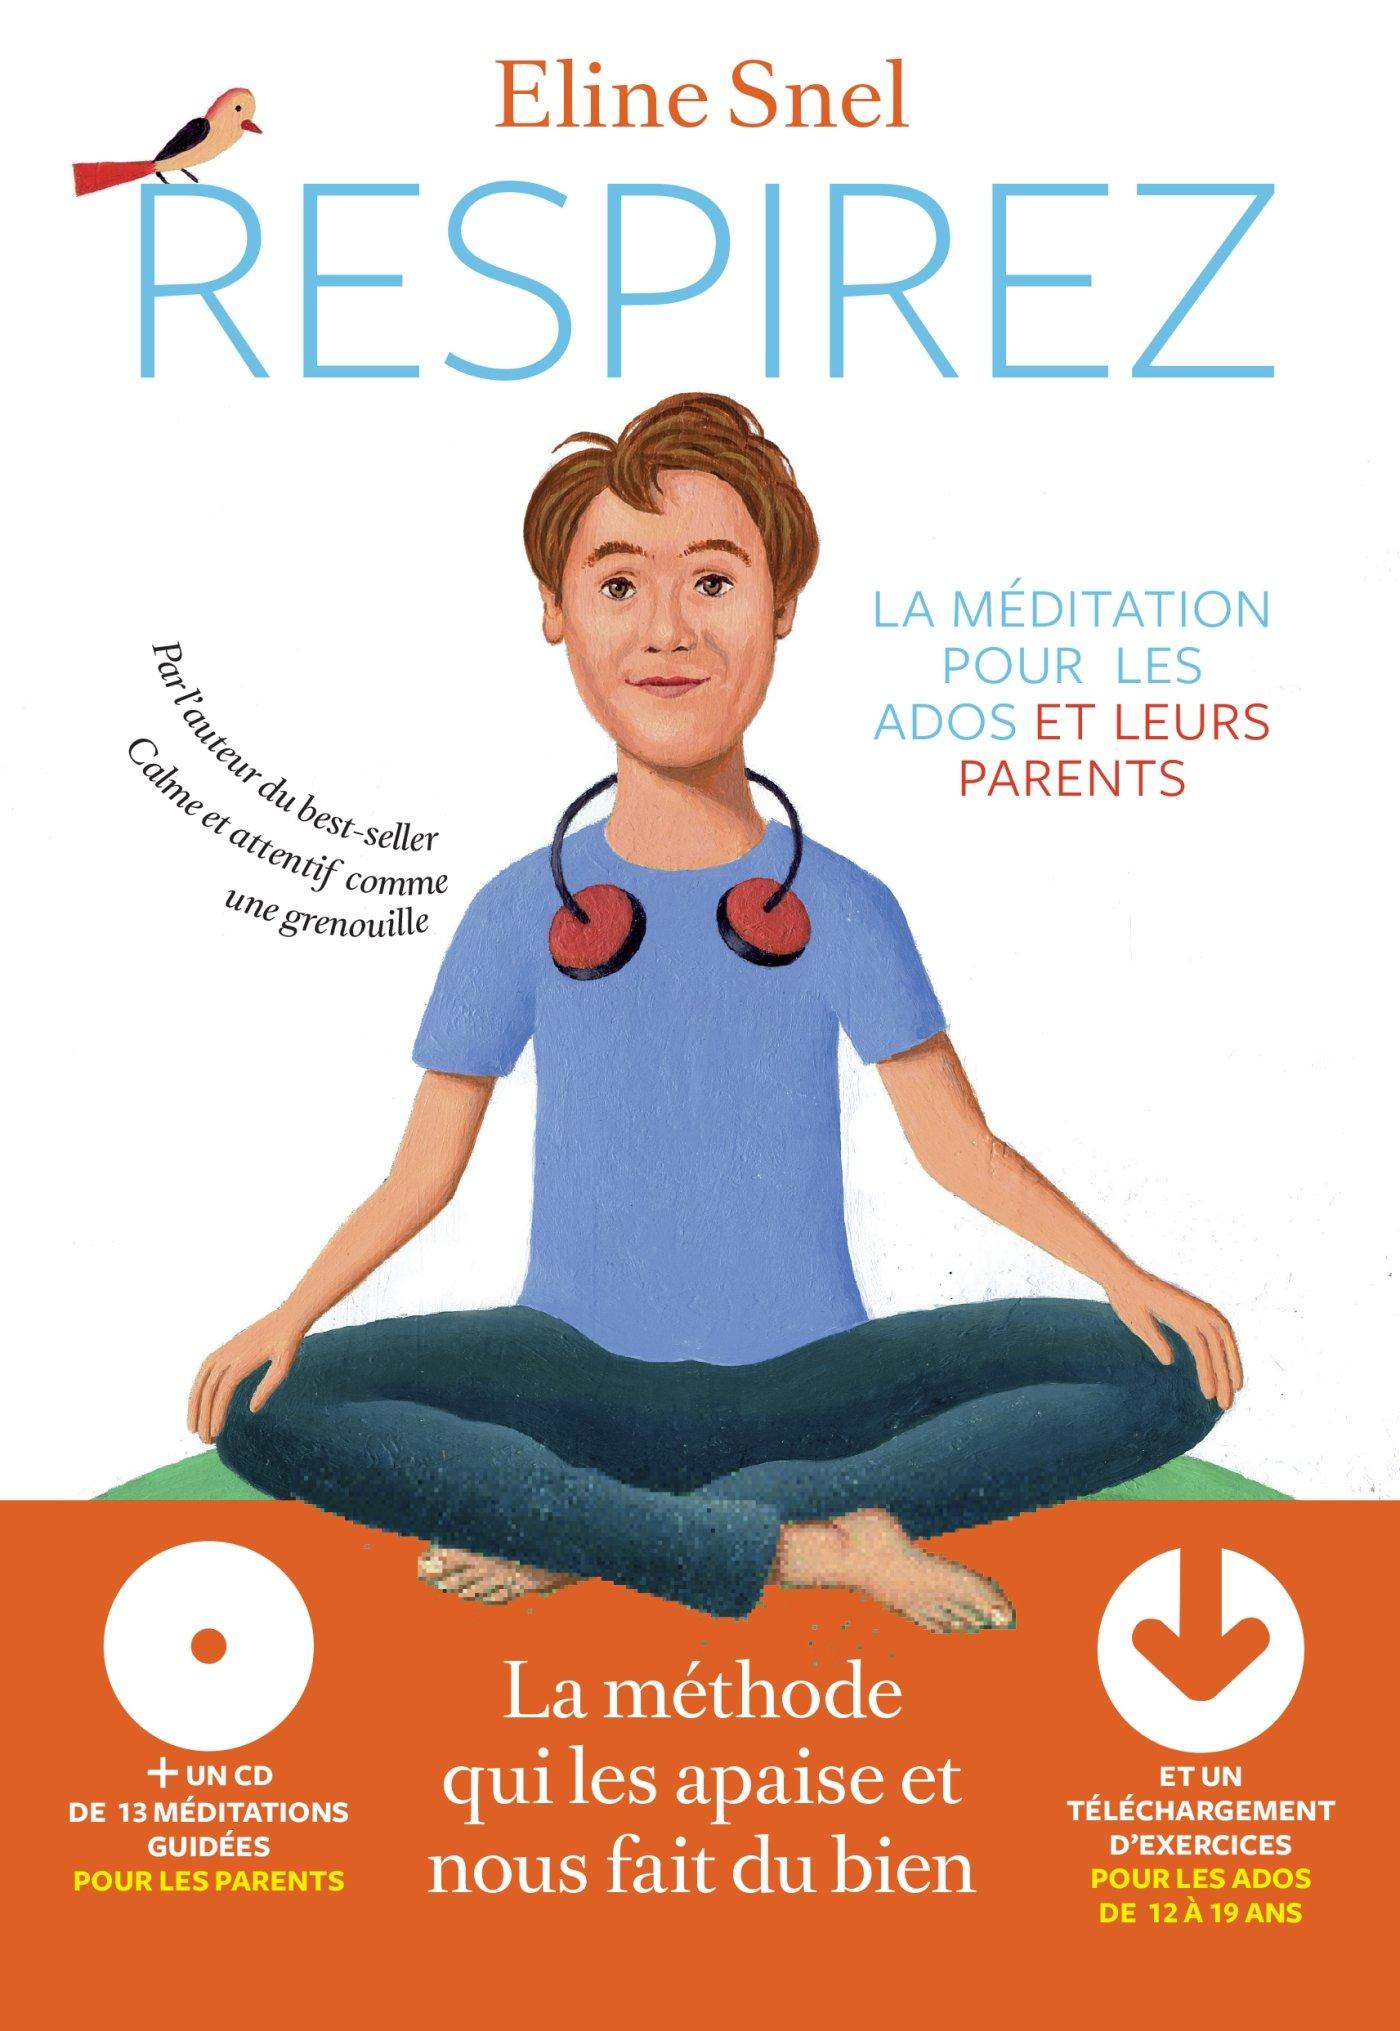 Respirez La Meditation Pour Les Parents Et Les Ados De 12